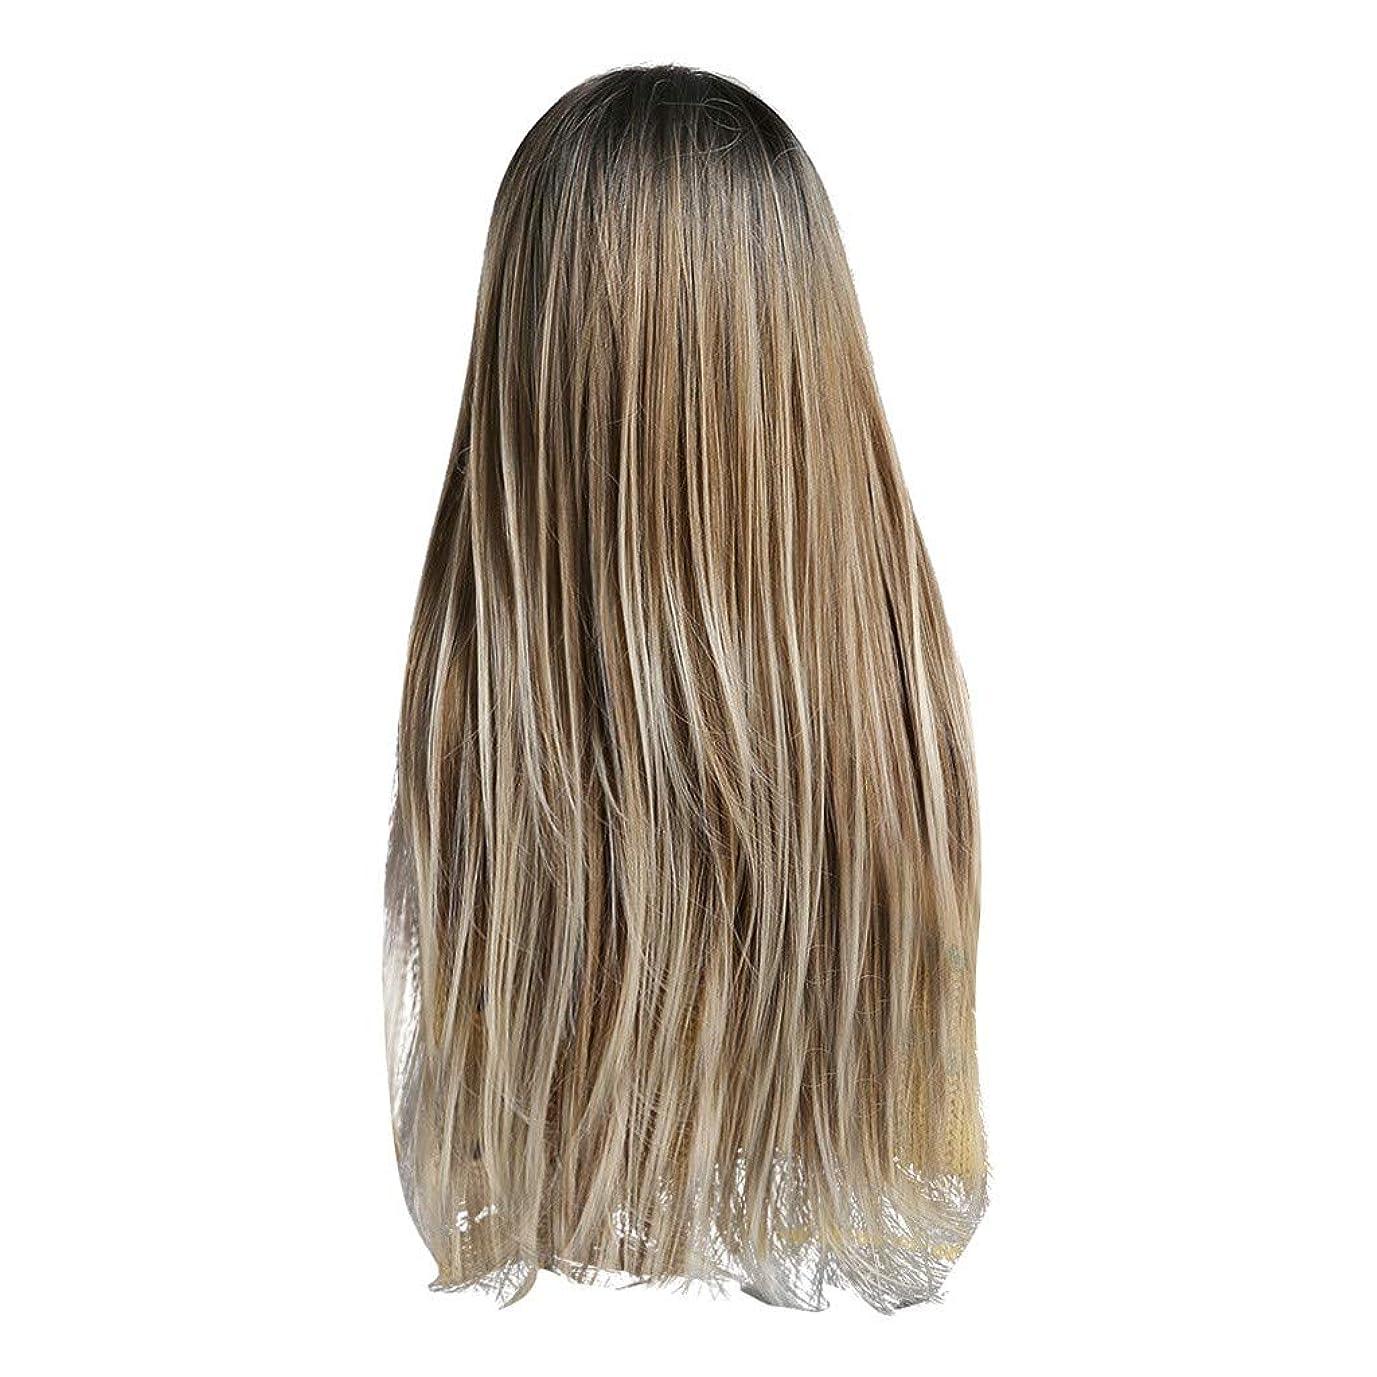 にぎやかマラドロイトぬいぐるみLazayyii かつら女性自然な3色 グラデーション化学繊維毛髪 (A)